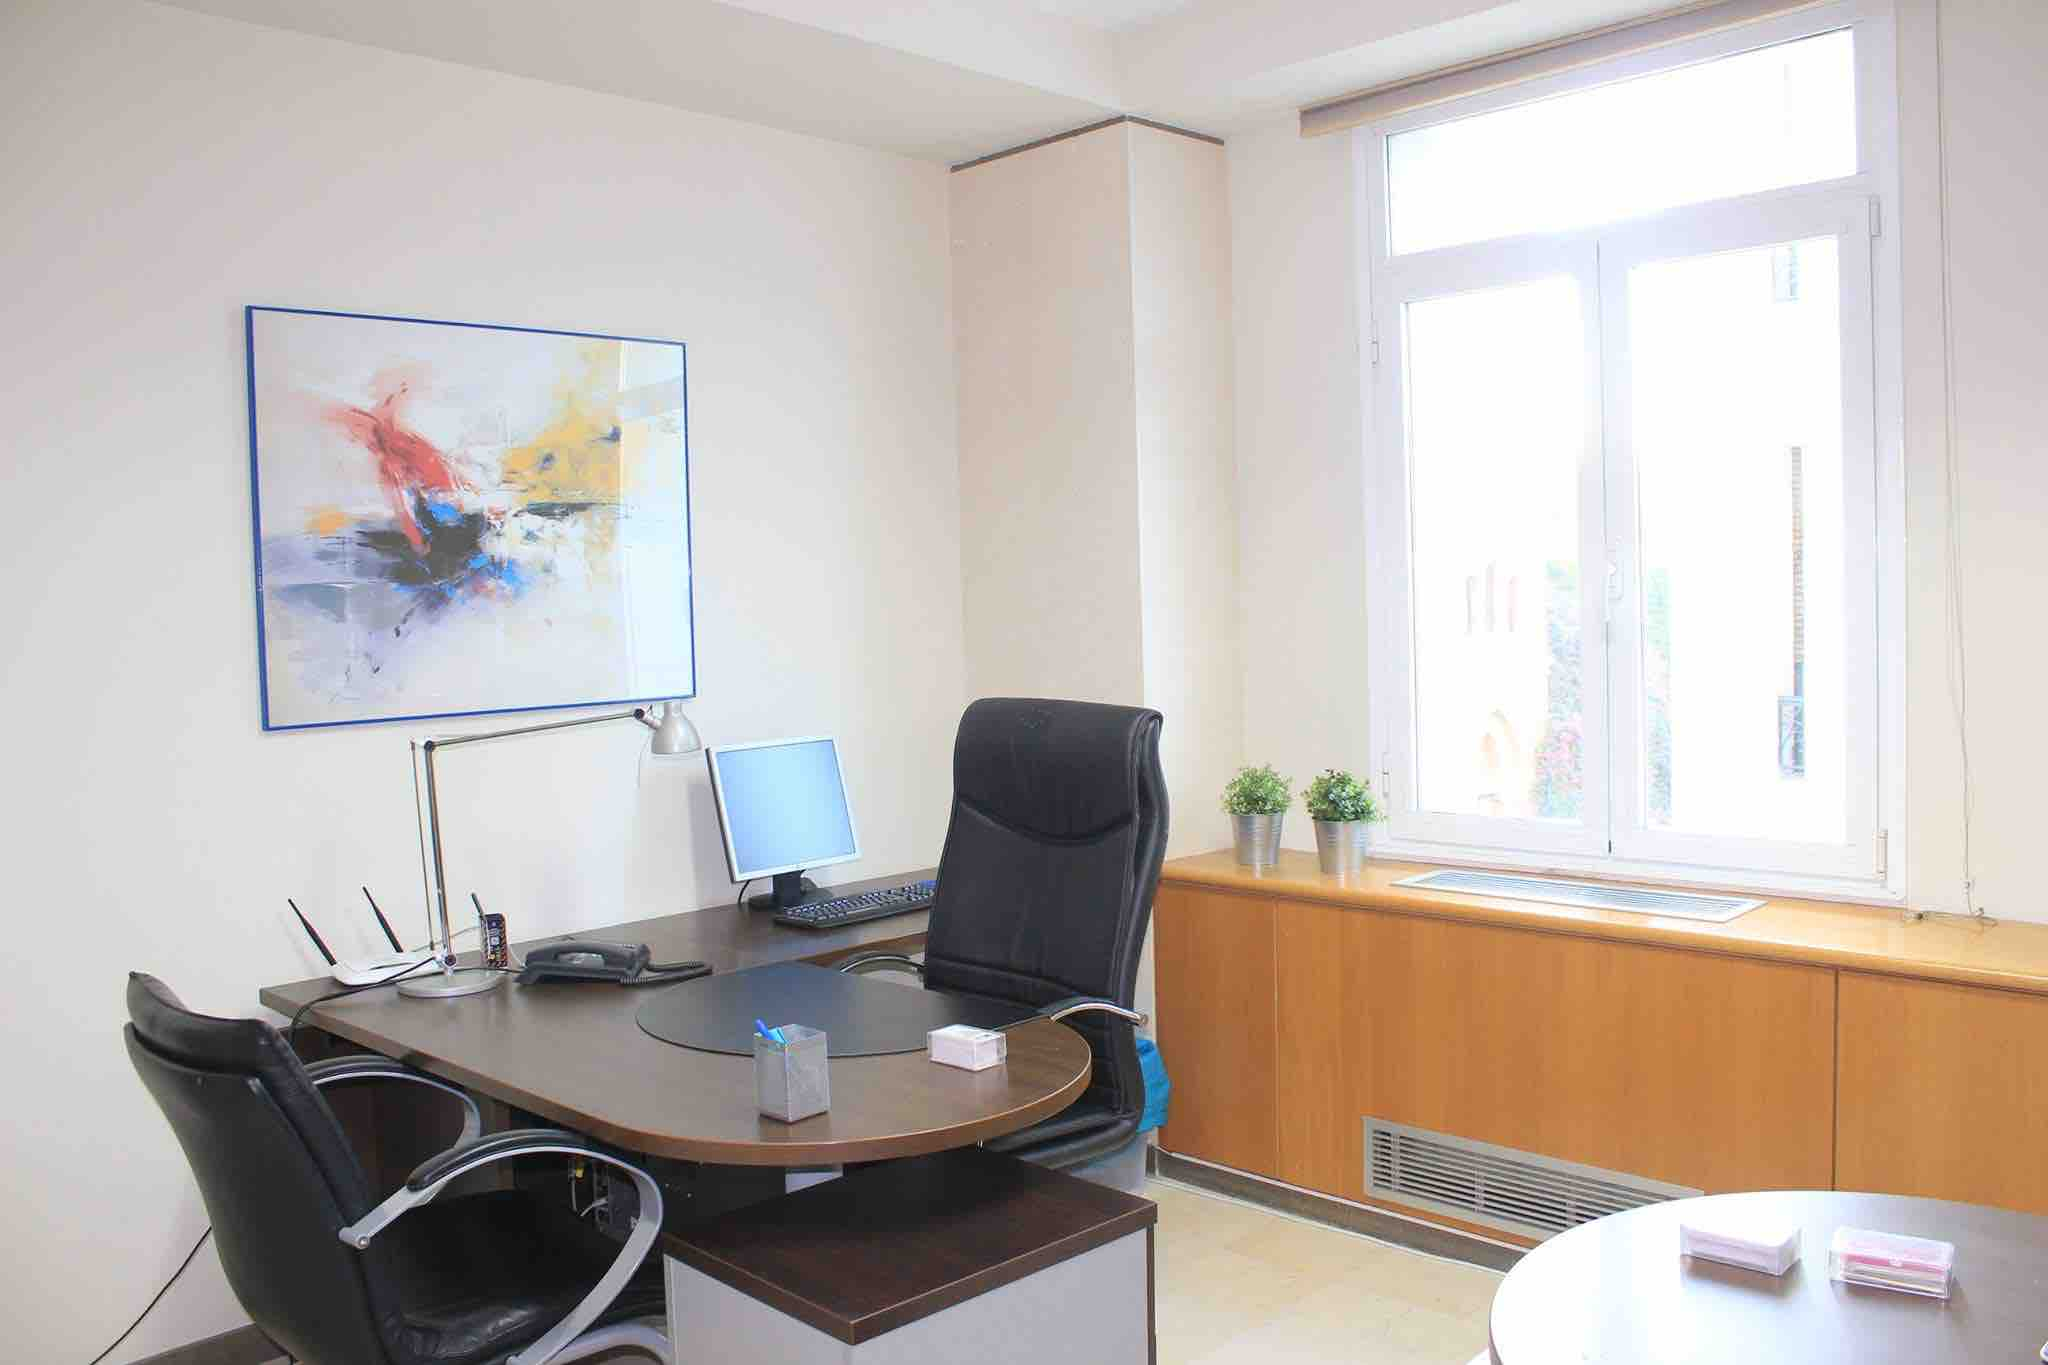 Comision paritaria convenio oficinas y despachos 2016 for Convenio colectivo oficinas y despachos zaragoza